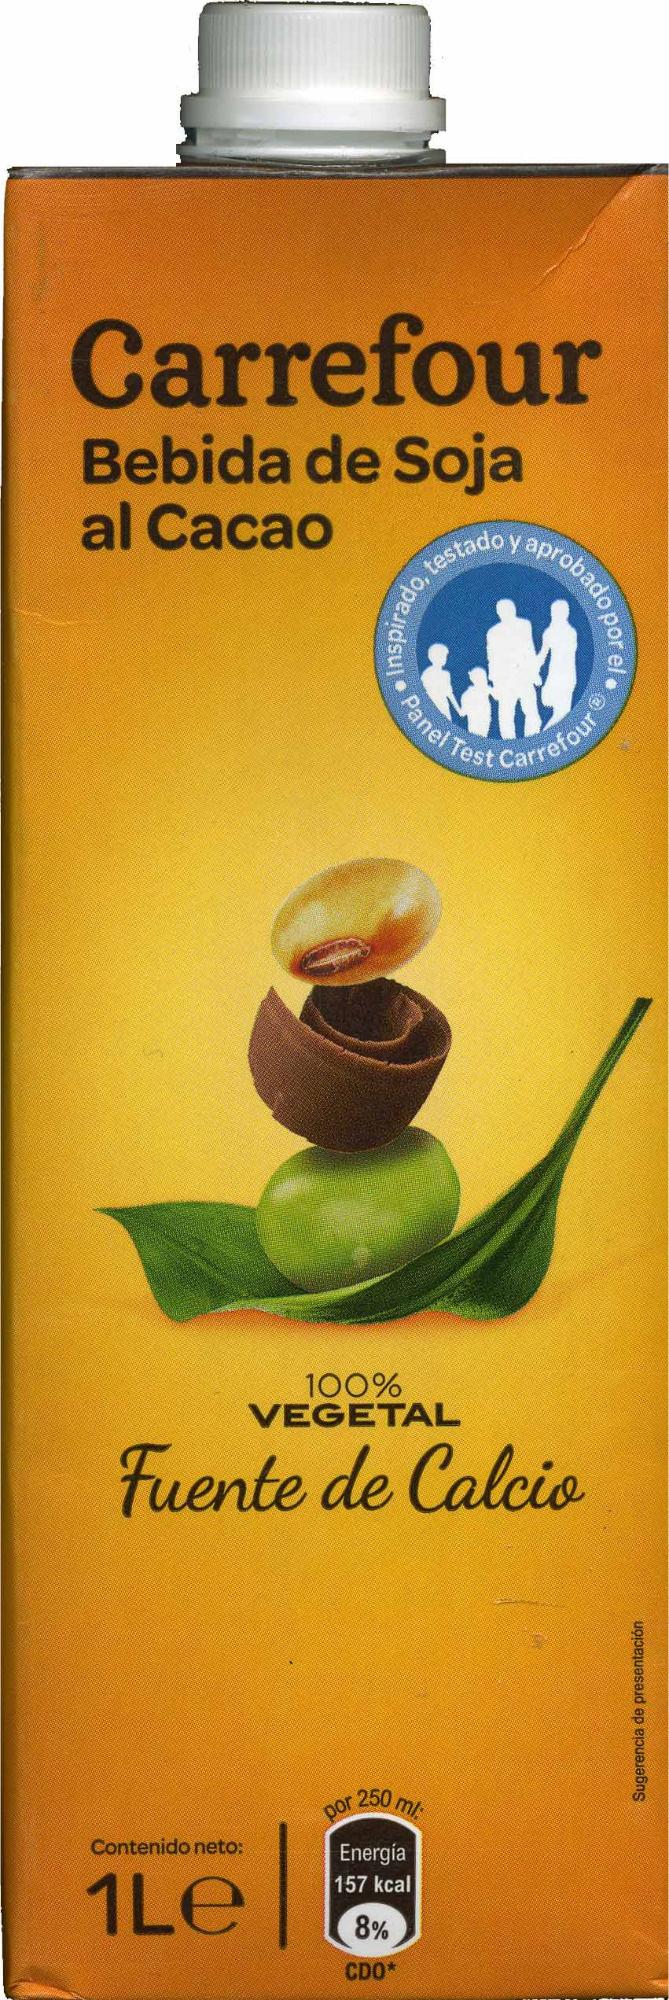 Bebida de soja con cacao - DESCATALOGADO - Producto - es